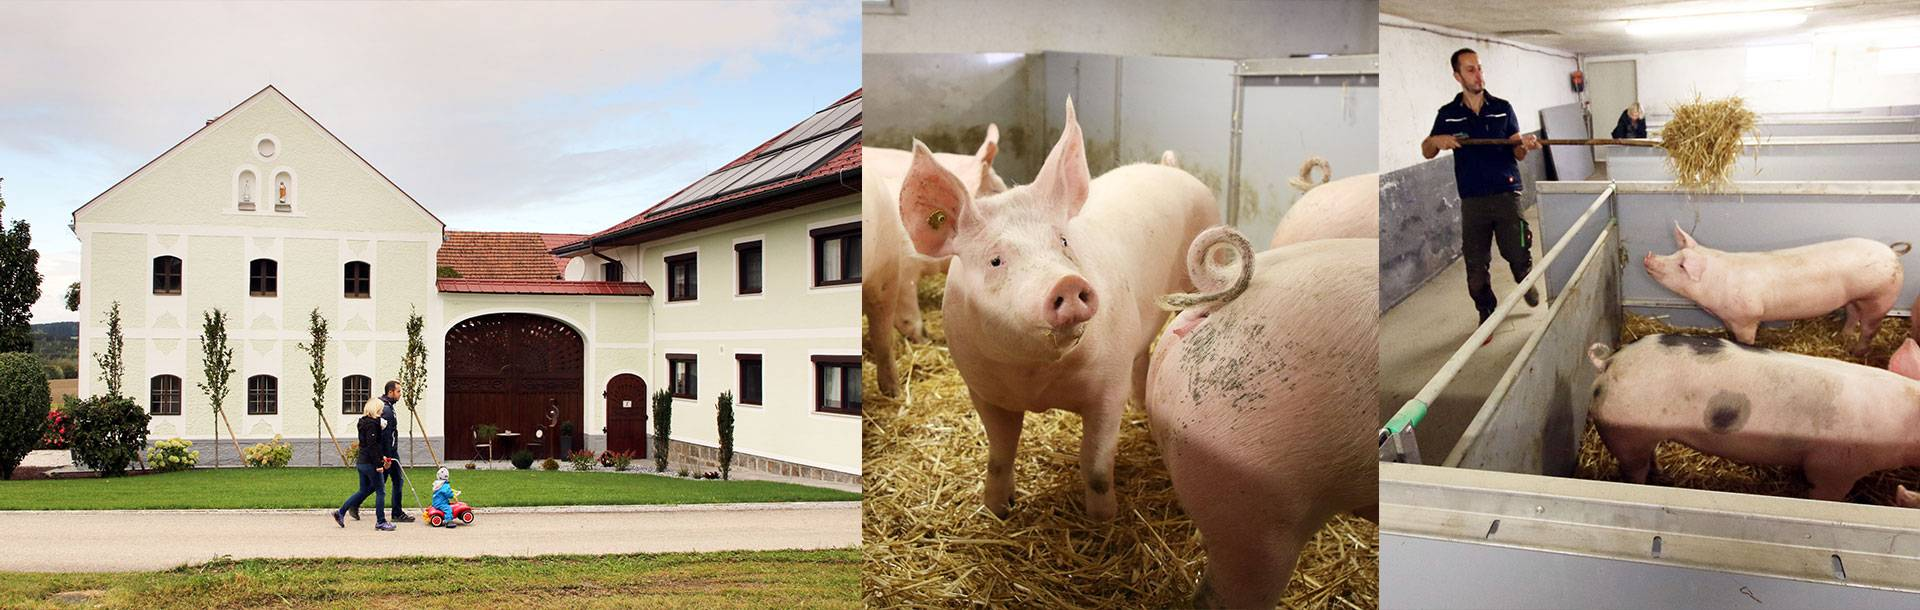 Familie Kumpfmüller haben einen Tierwohl-Stall